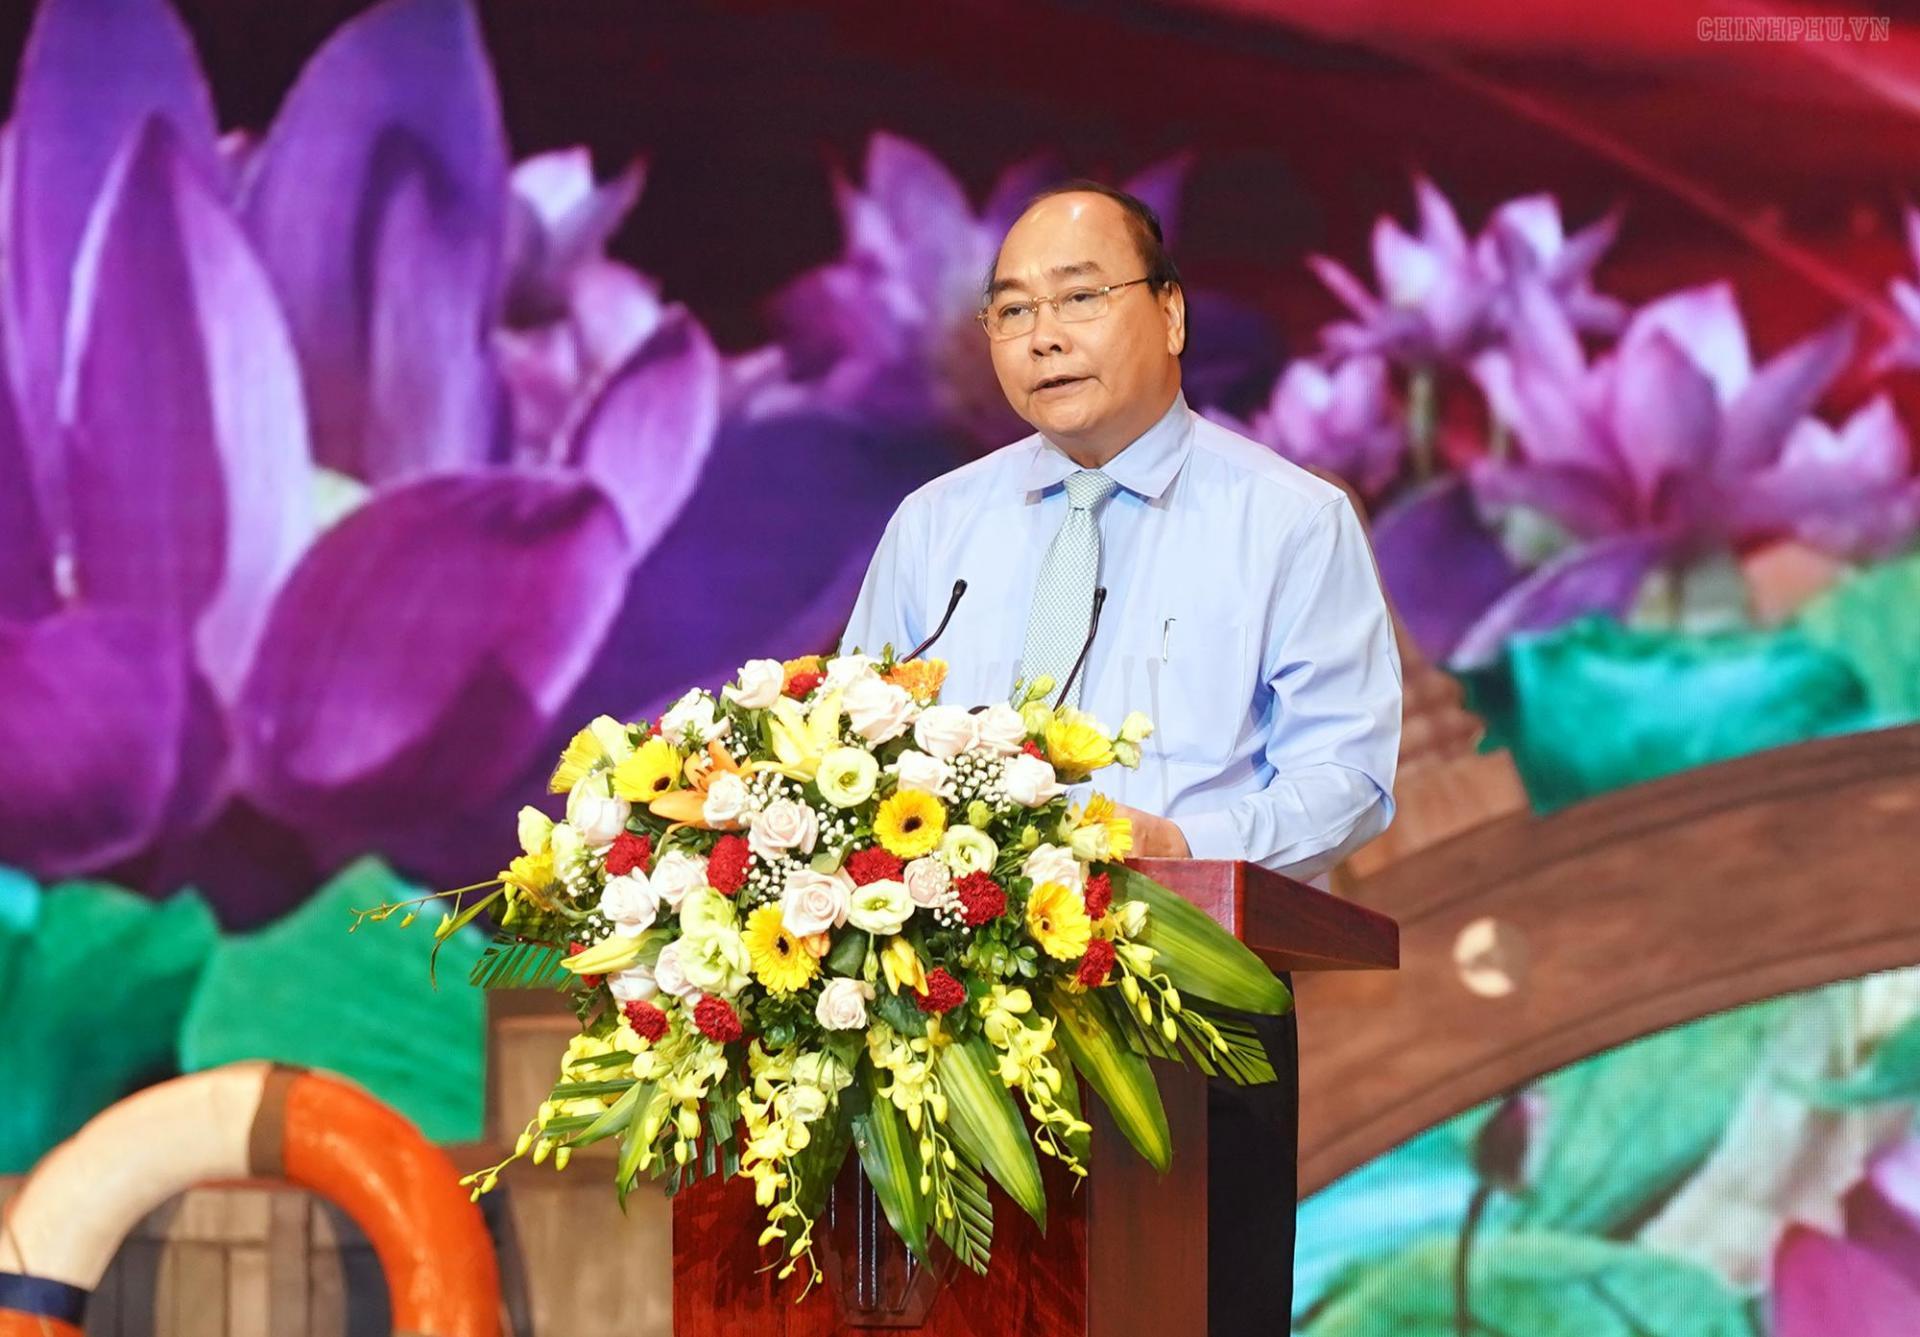 Thủ tướng Nguyễn Xuân Phúc phát biểu tại cuộc Giao lưu